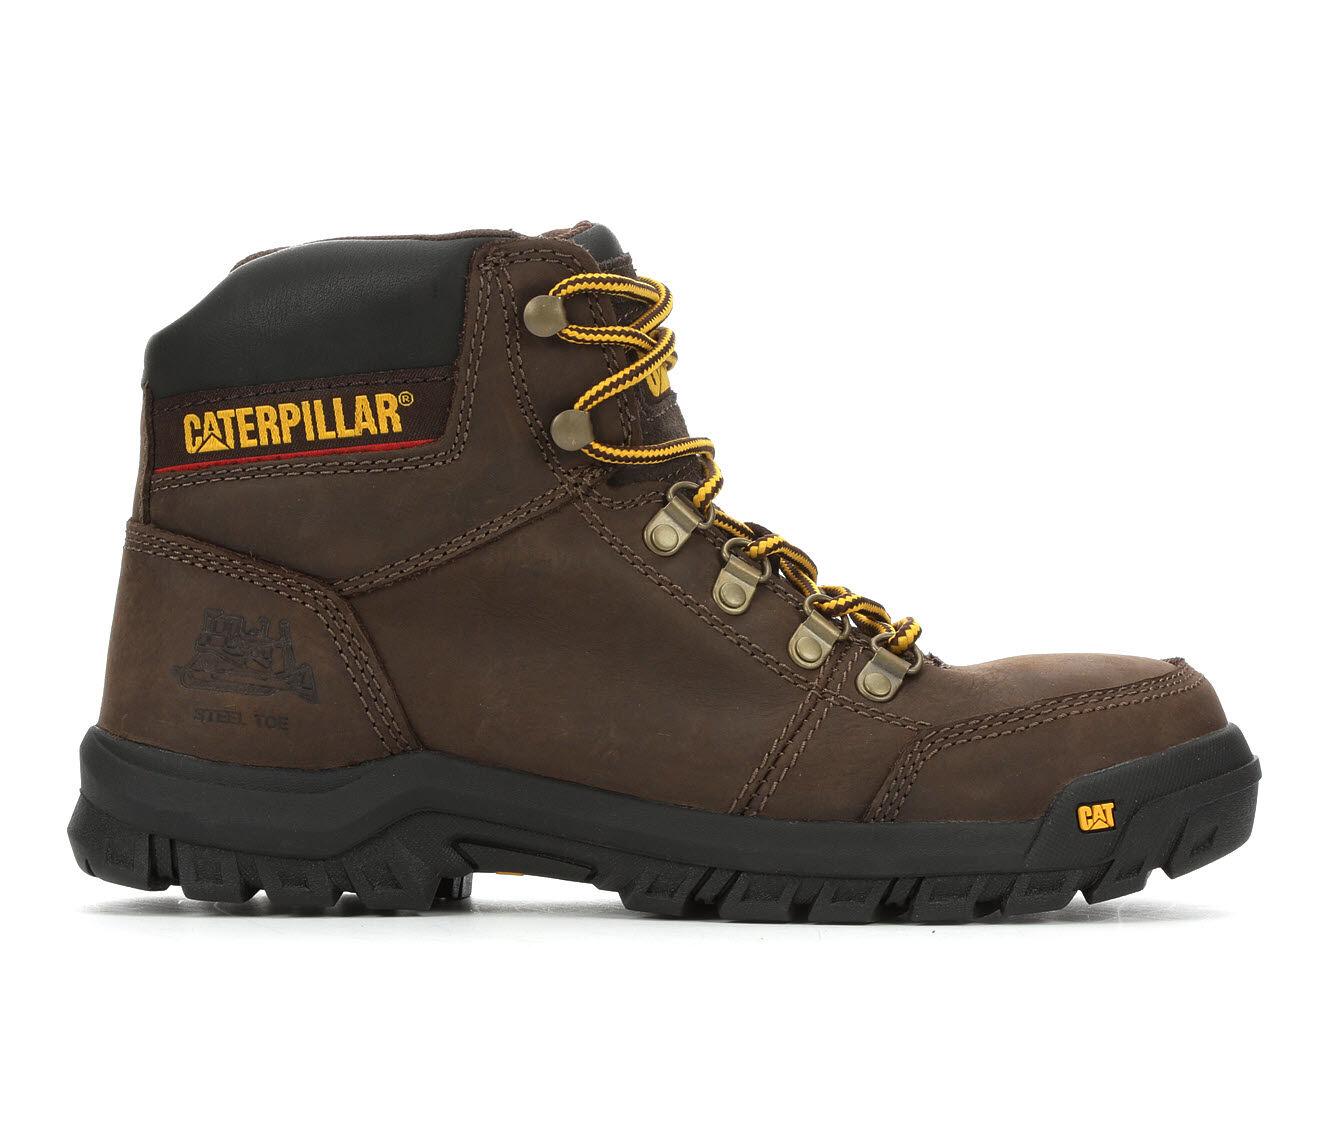 Men's Caterpillar Outline Steel Toe Work Boots Brown